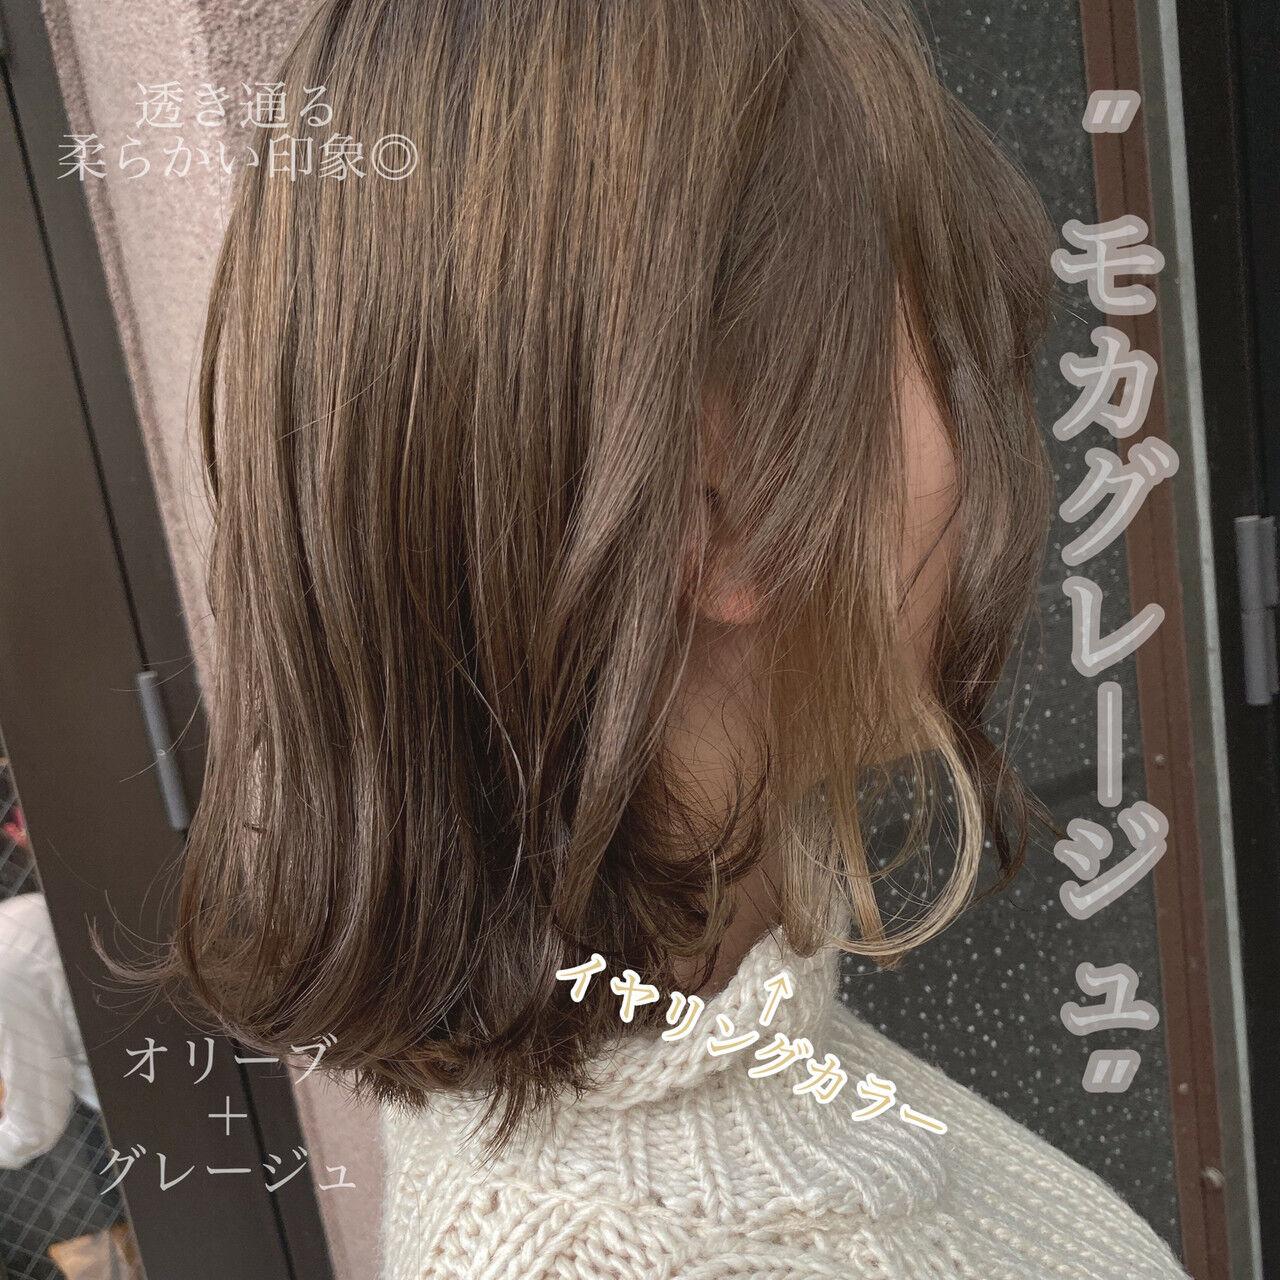 ミニボブ ボブ インナーカラー フェミニンヘアスタイルや髪型の写真・画像